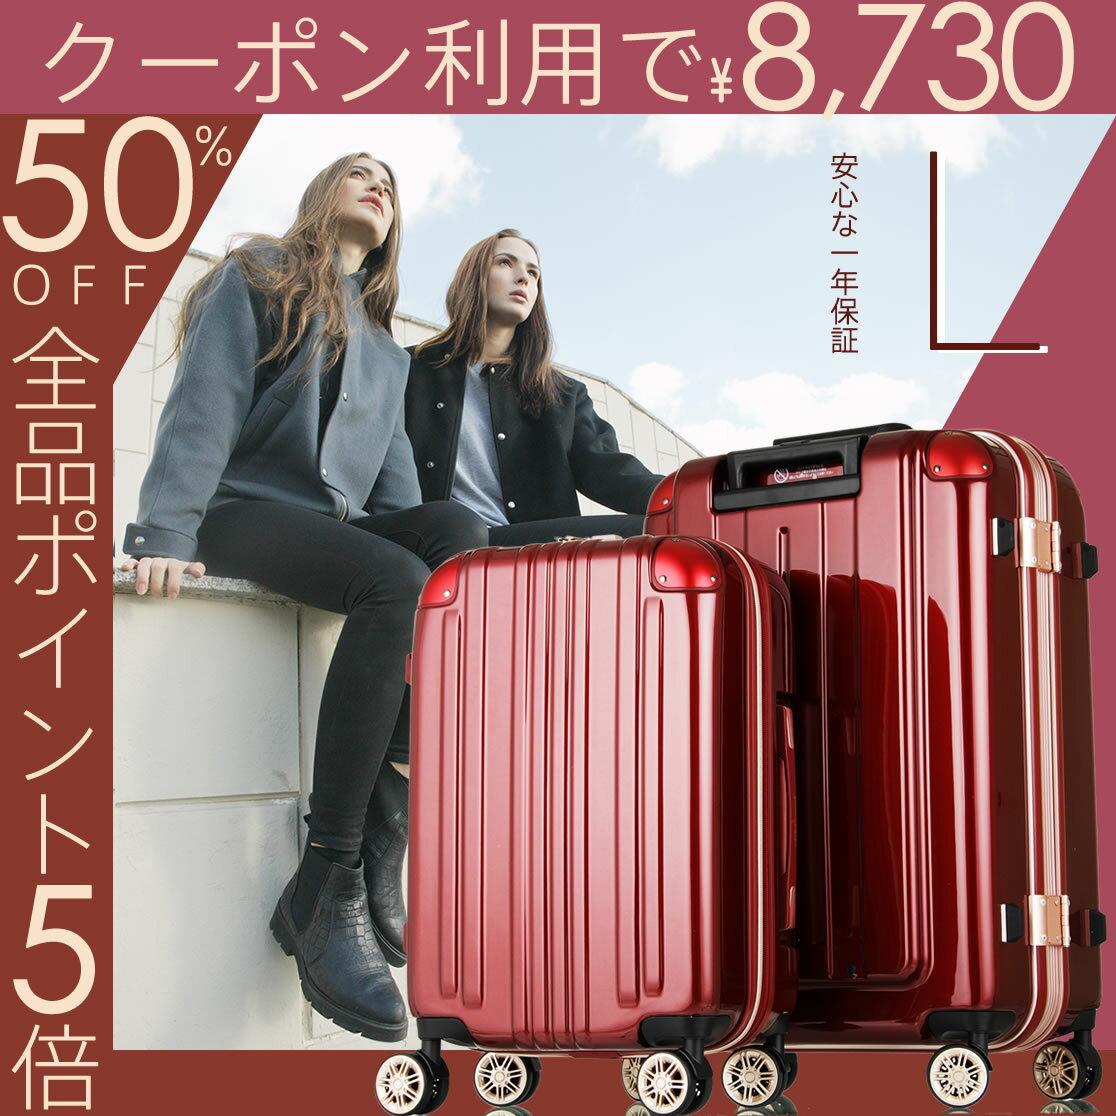 【クーポン配布中】スーツケース キャリーバッグ キャリーバック キャリーケース 無料受託手荷物 大型 L サイズ 7日 8日 9日 10日 ダブルキャスター メーカー1年修理保証 LEGEND WALKER レジェンドウォーカー 『5122-68』